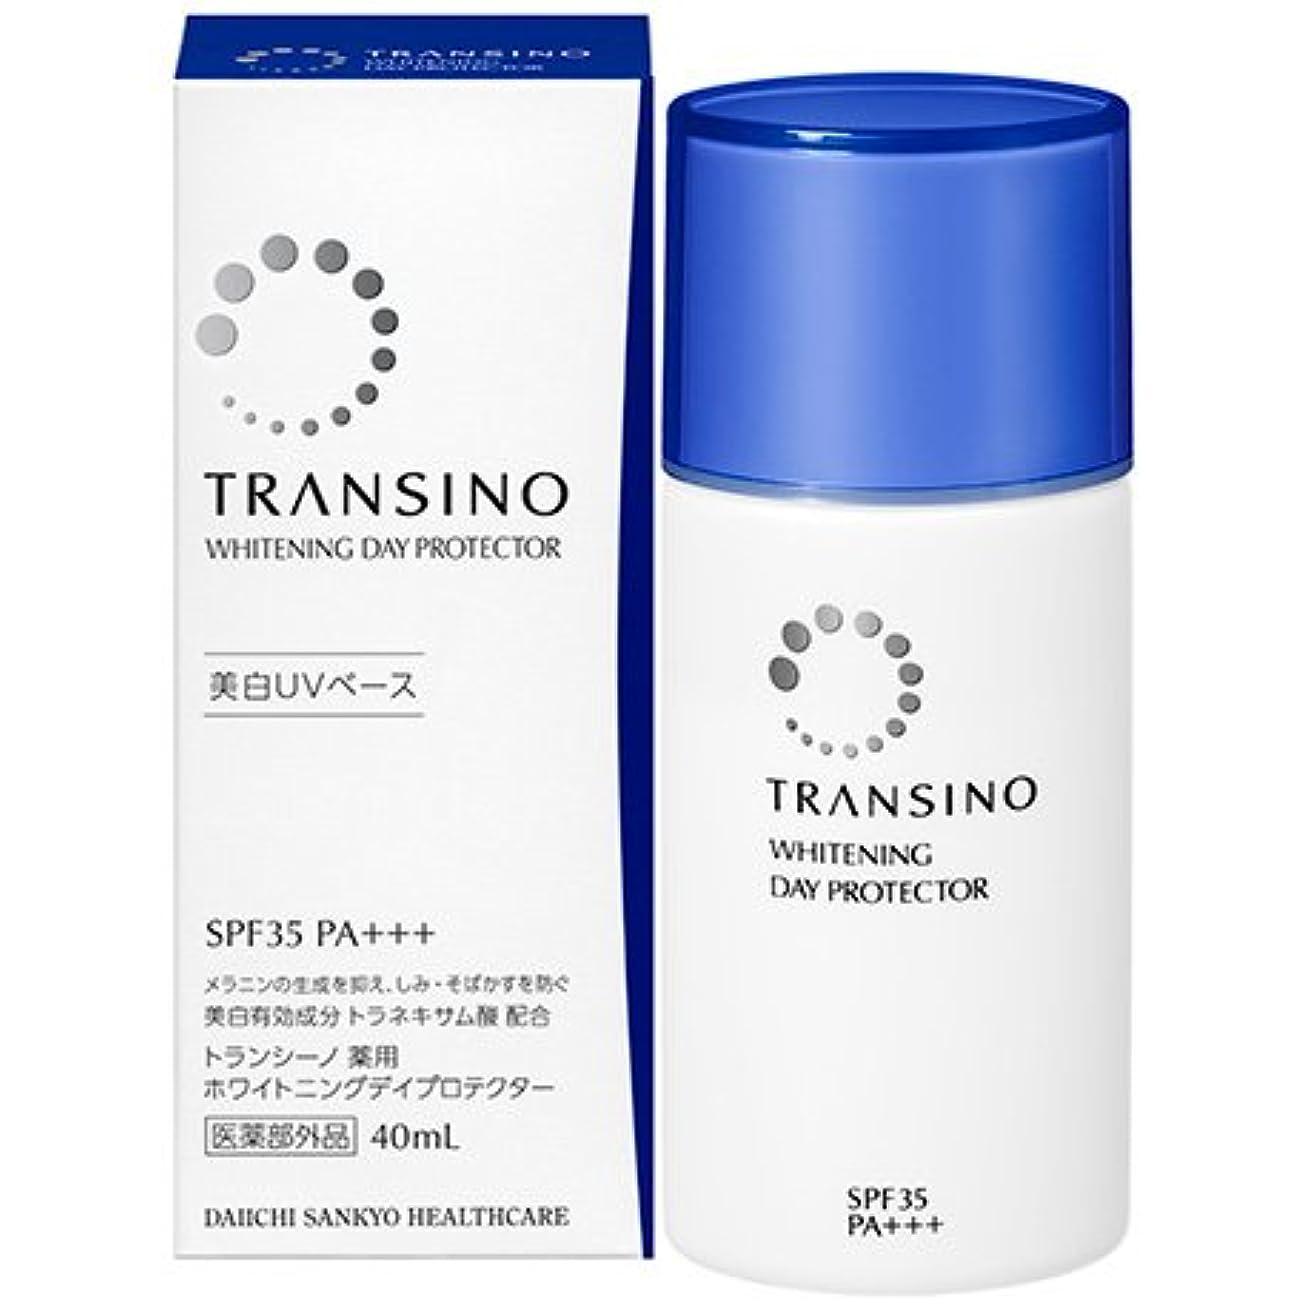 ベックスラバ面トランシーノ 薬用ホワイトニングデイプロテクター 40ml SPF35?PA+++ [並行輸入品]